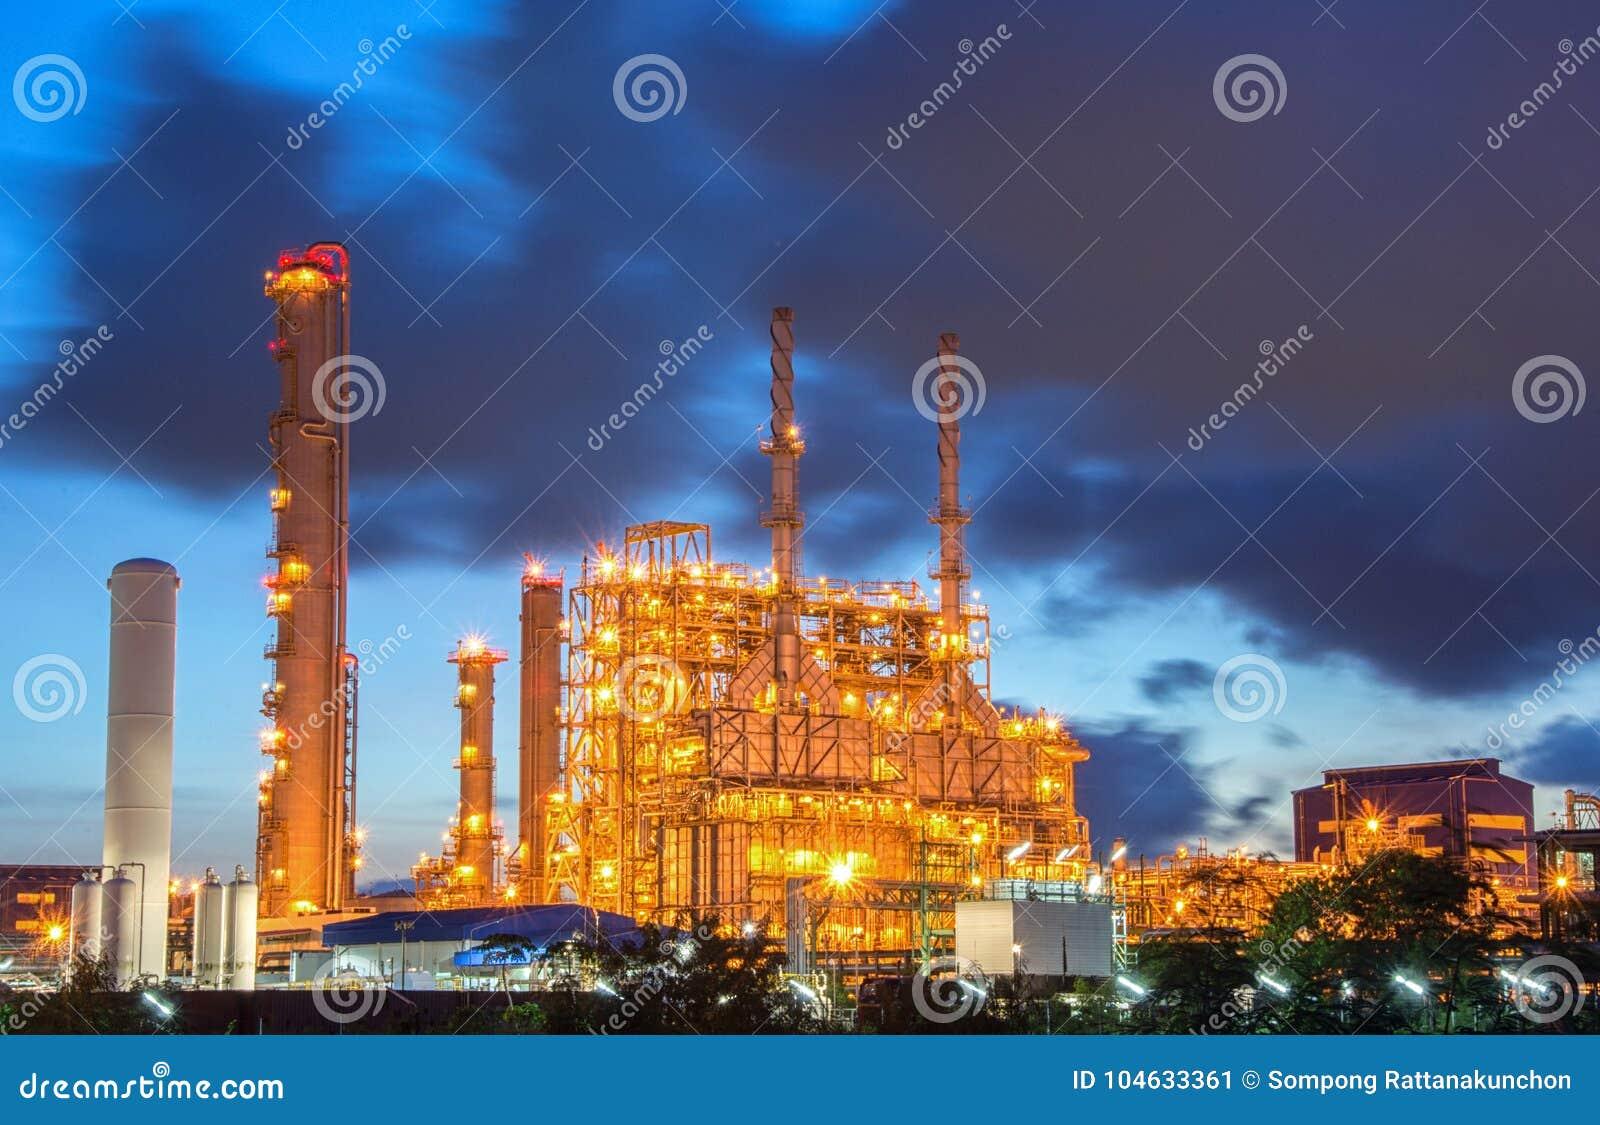 Download Elektrische Centrale In De Petrochemische Installatie Stock Afbeelding - Afbeelding bestaande uit aardolie, chemie: 104633361